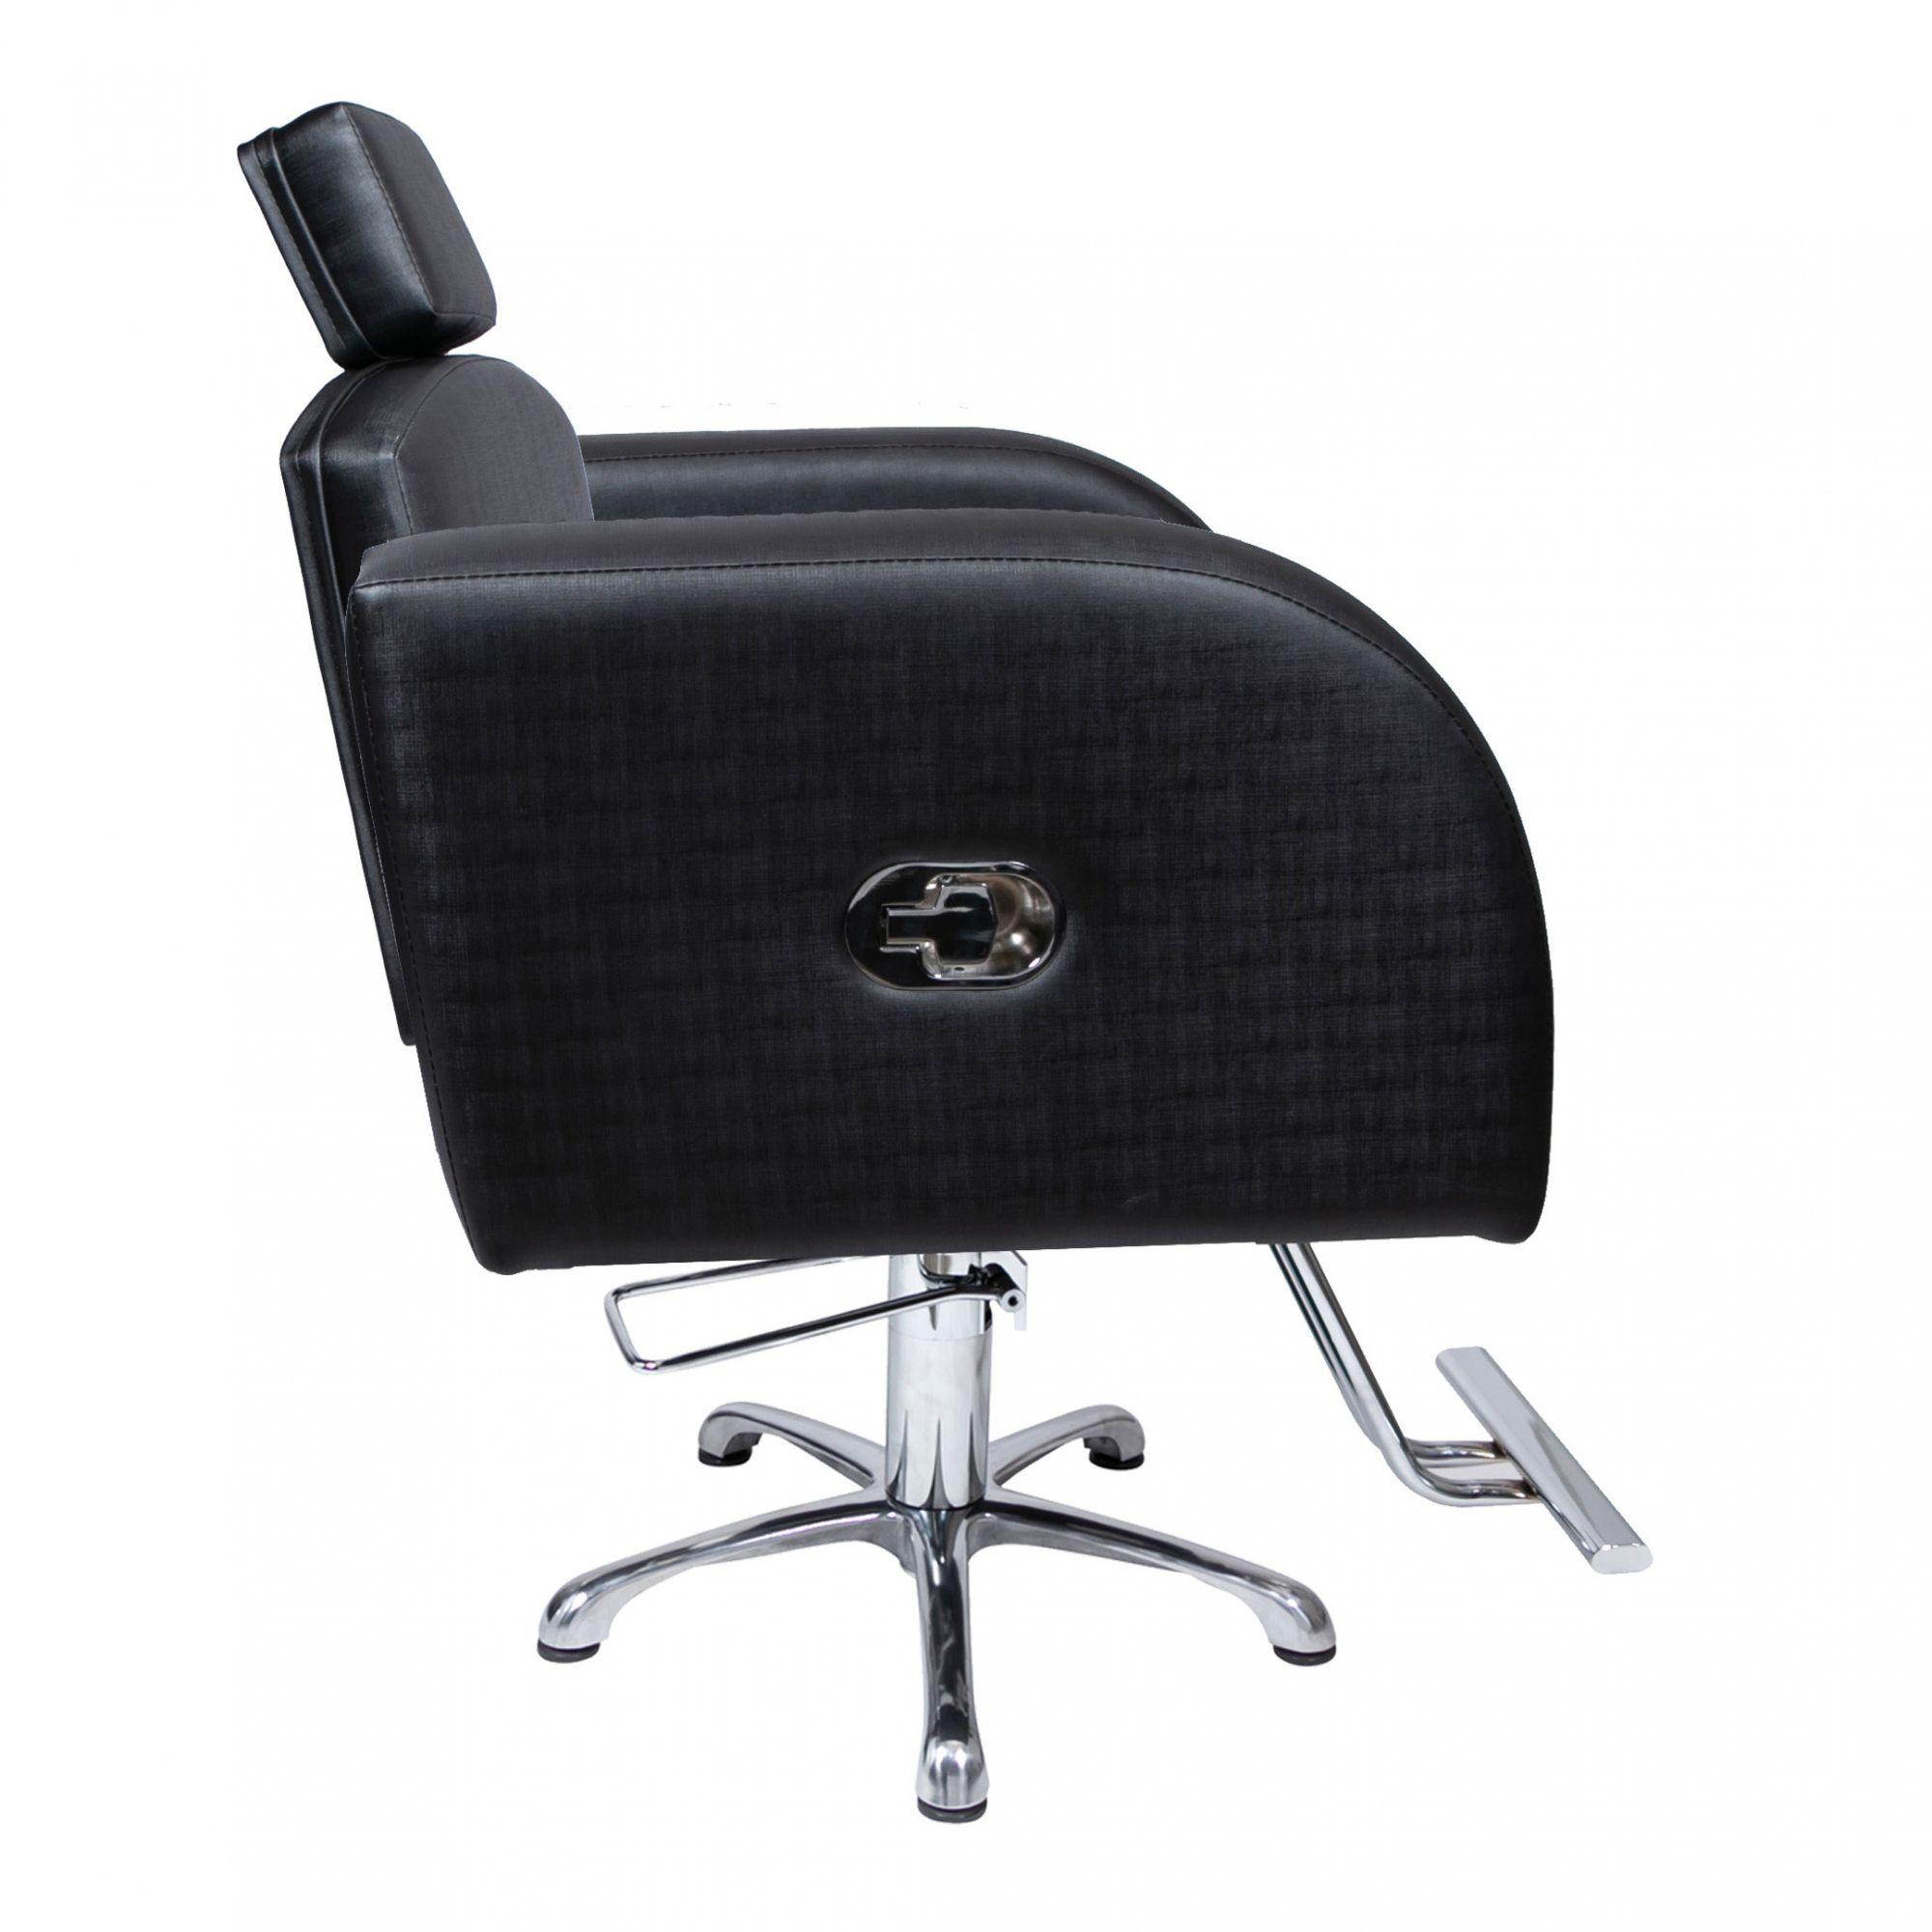 Destak Preto - Lavatorio + Cadeira Reclinável + Cadeira Fixa